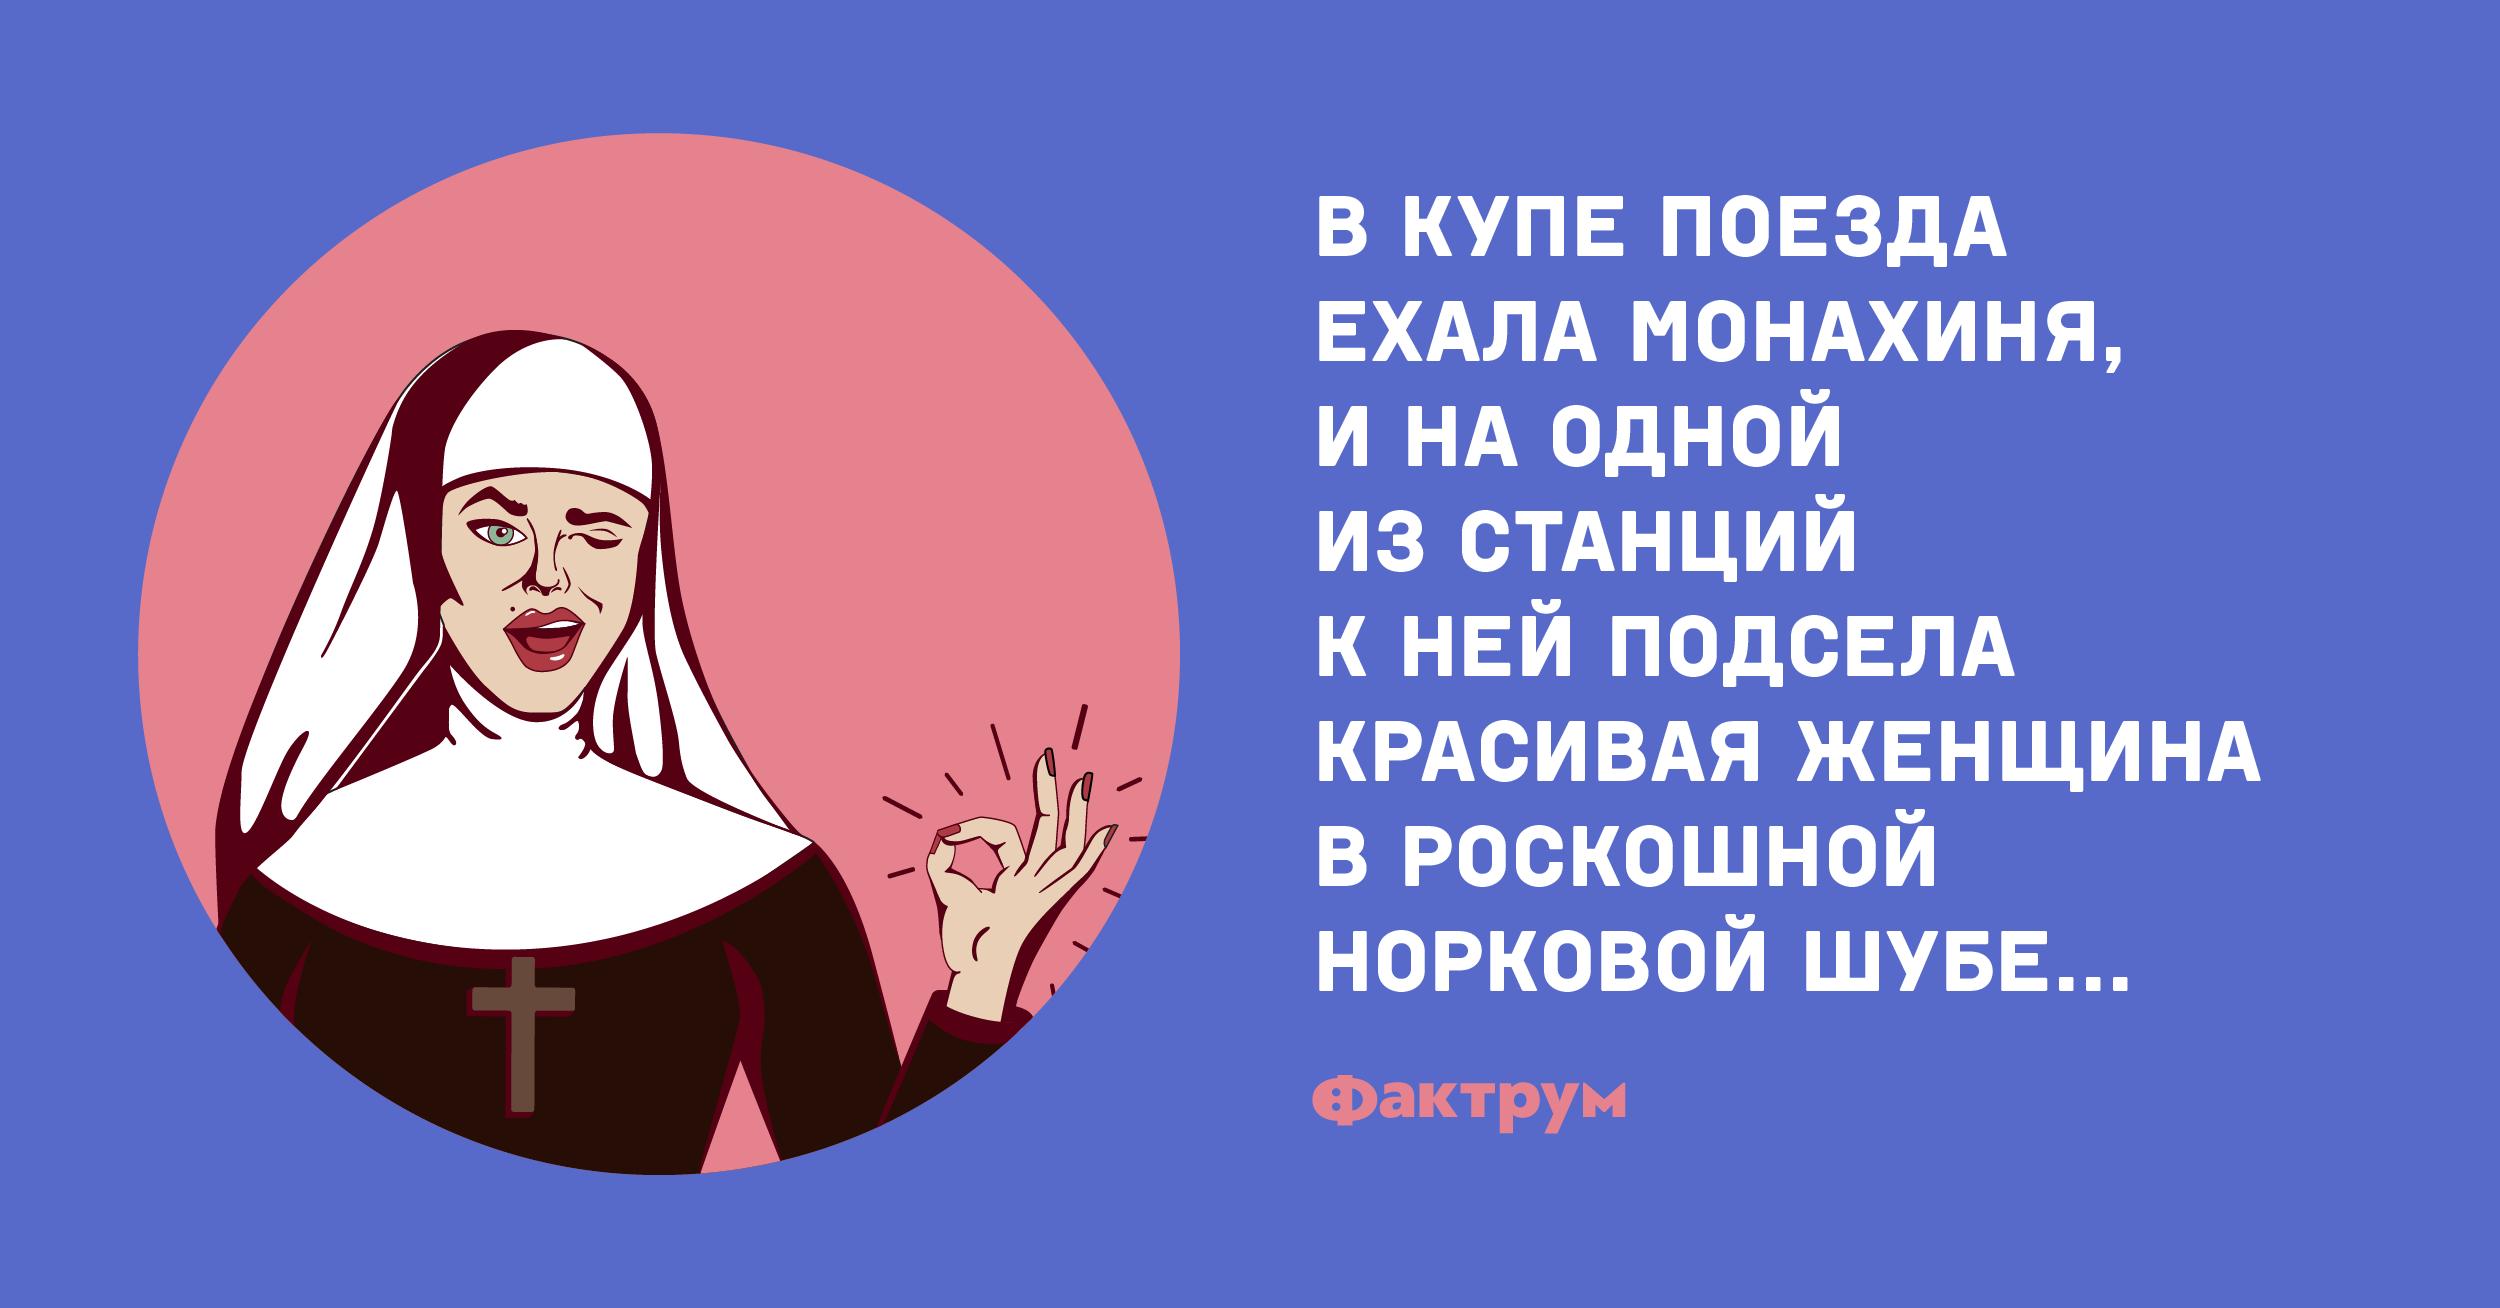 Анекдот о монахине, узнавшей цену дорогих вещей своей попутчицы